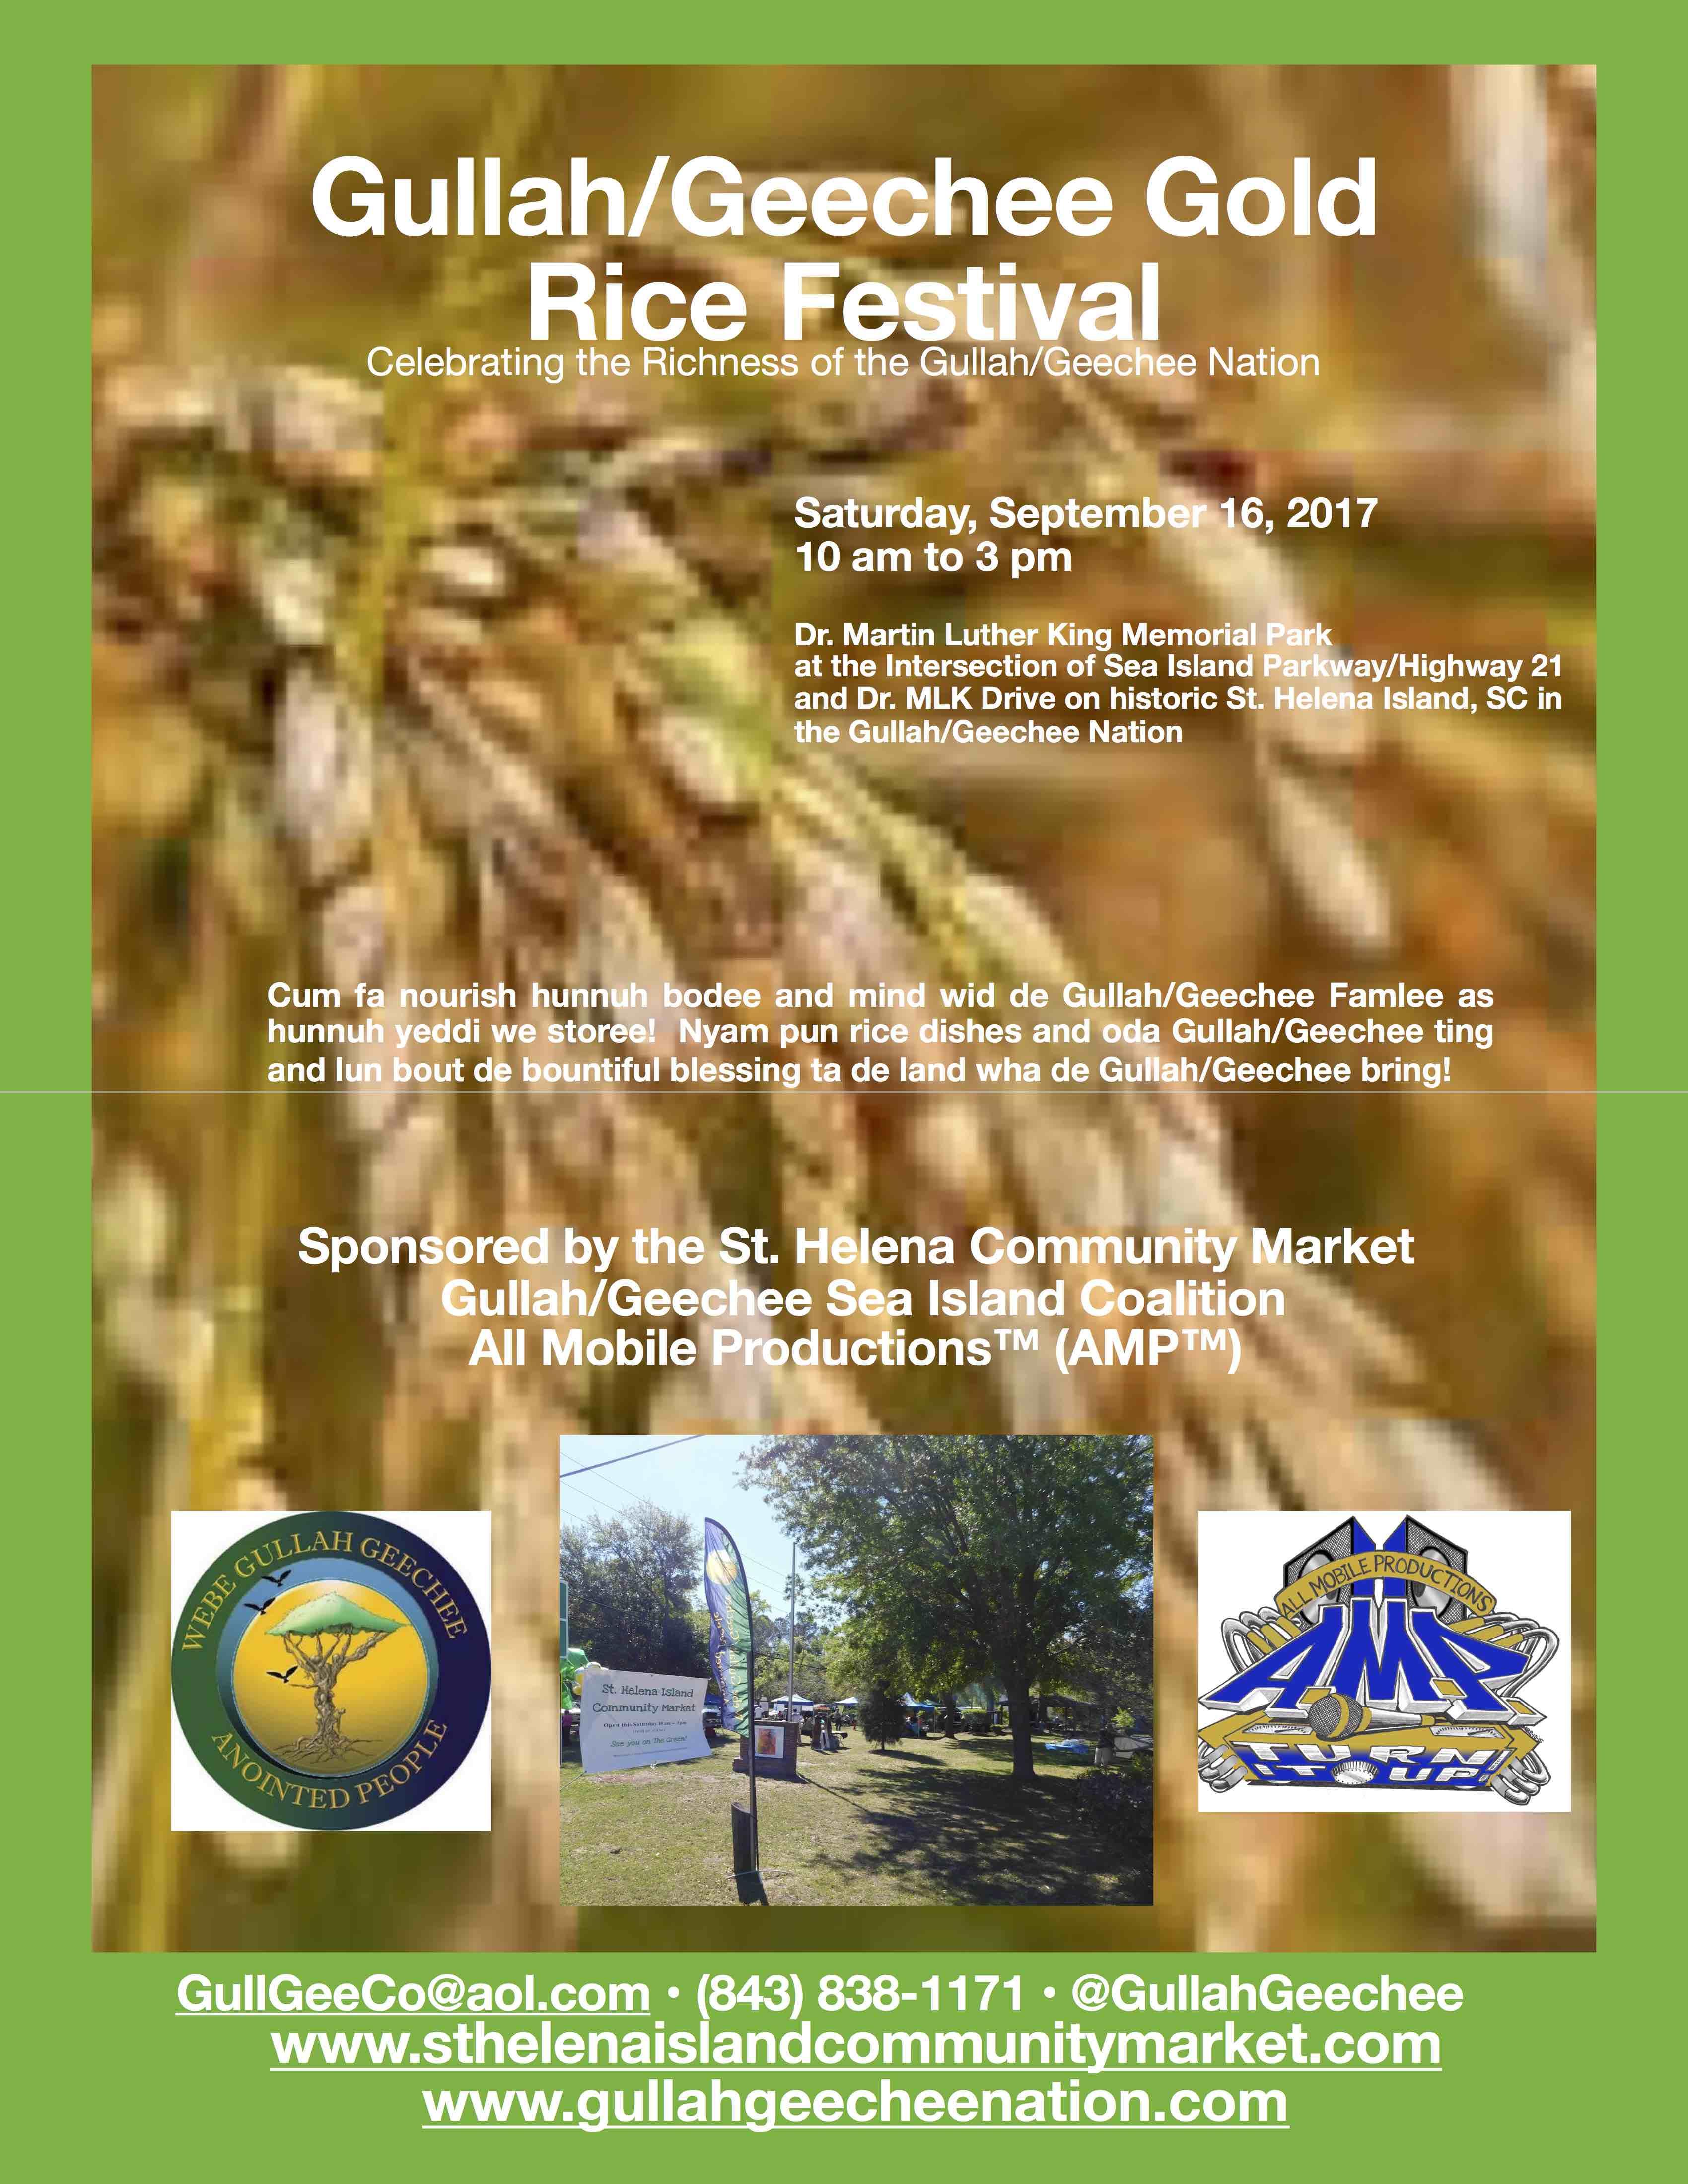 Gullah/Geechee Gold Rice Festival 2017